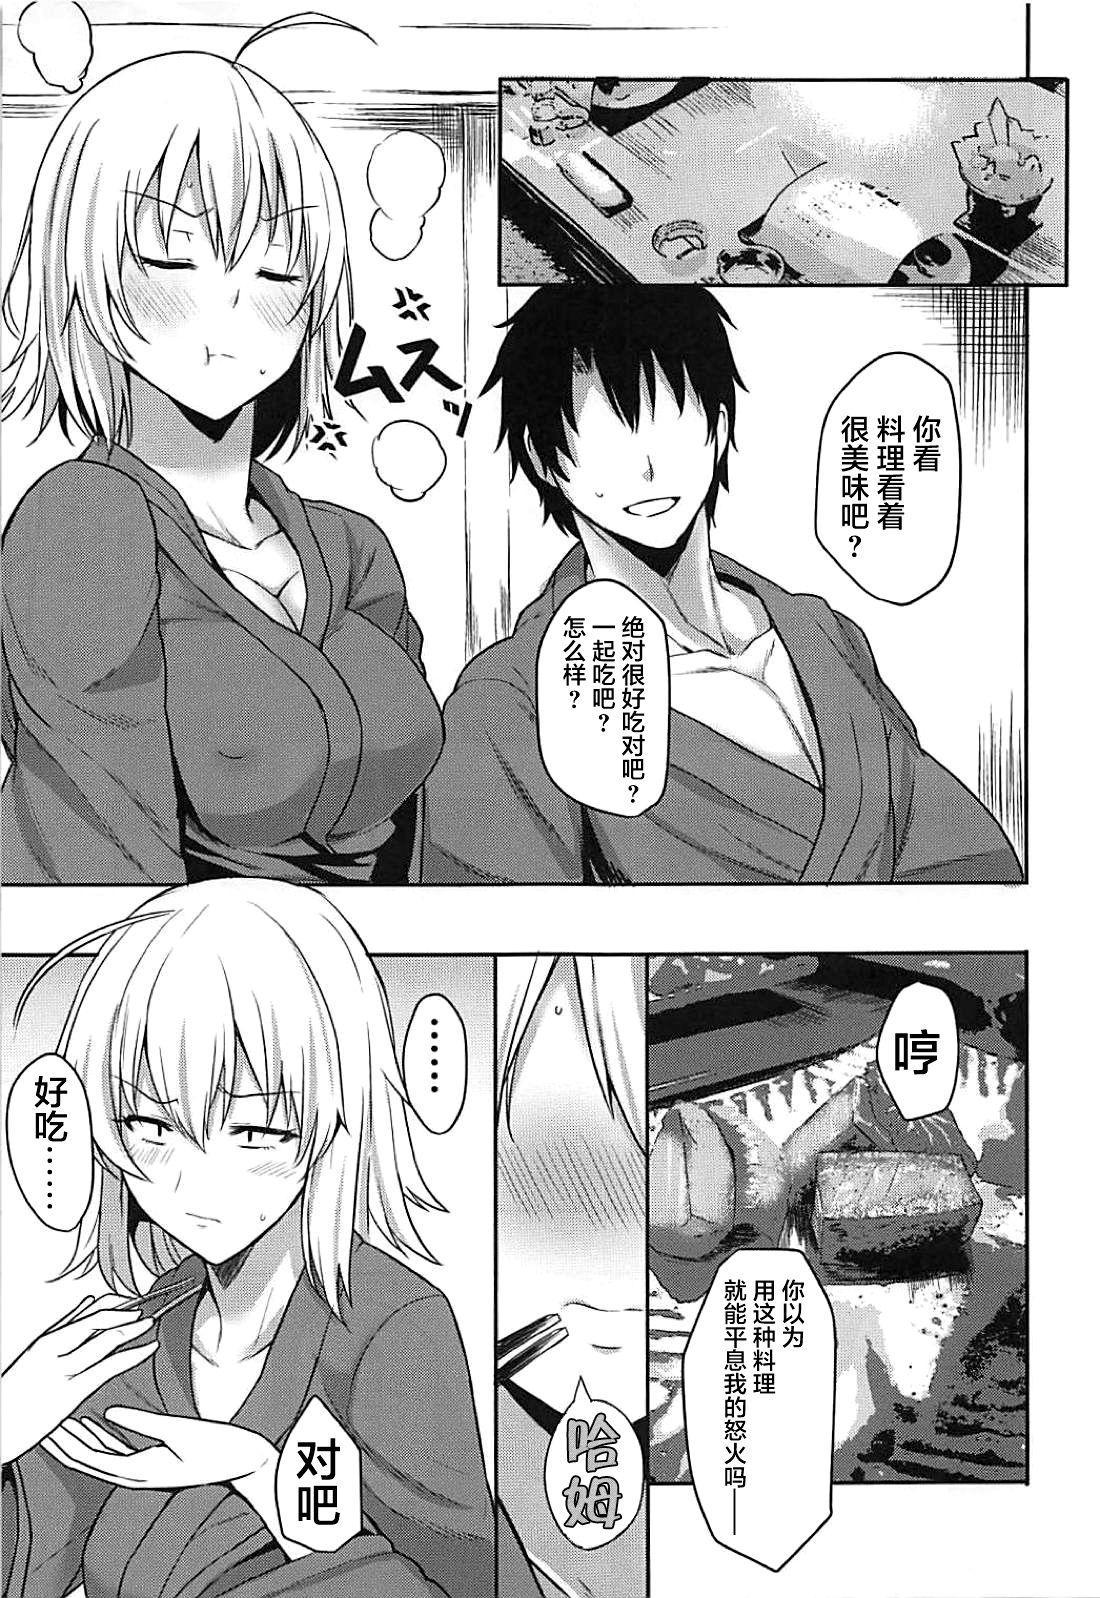 Jeanne to Ippaku Futsuka Ryokou Shitemita 14